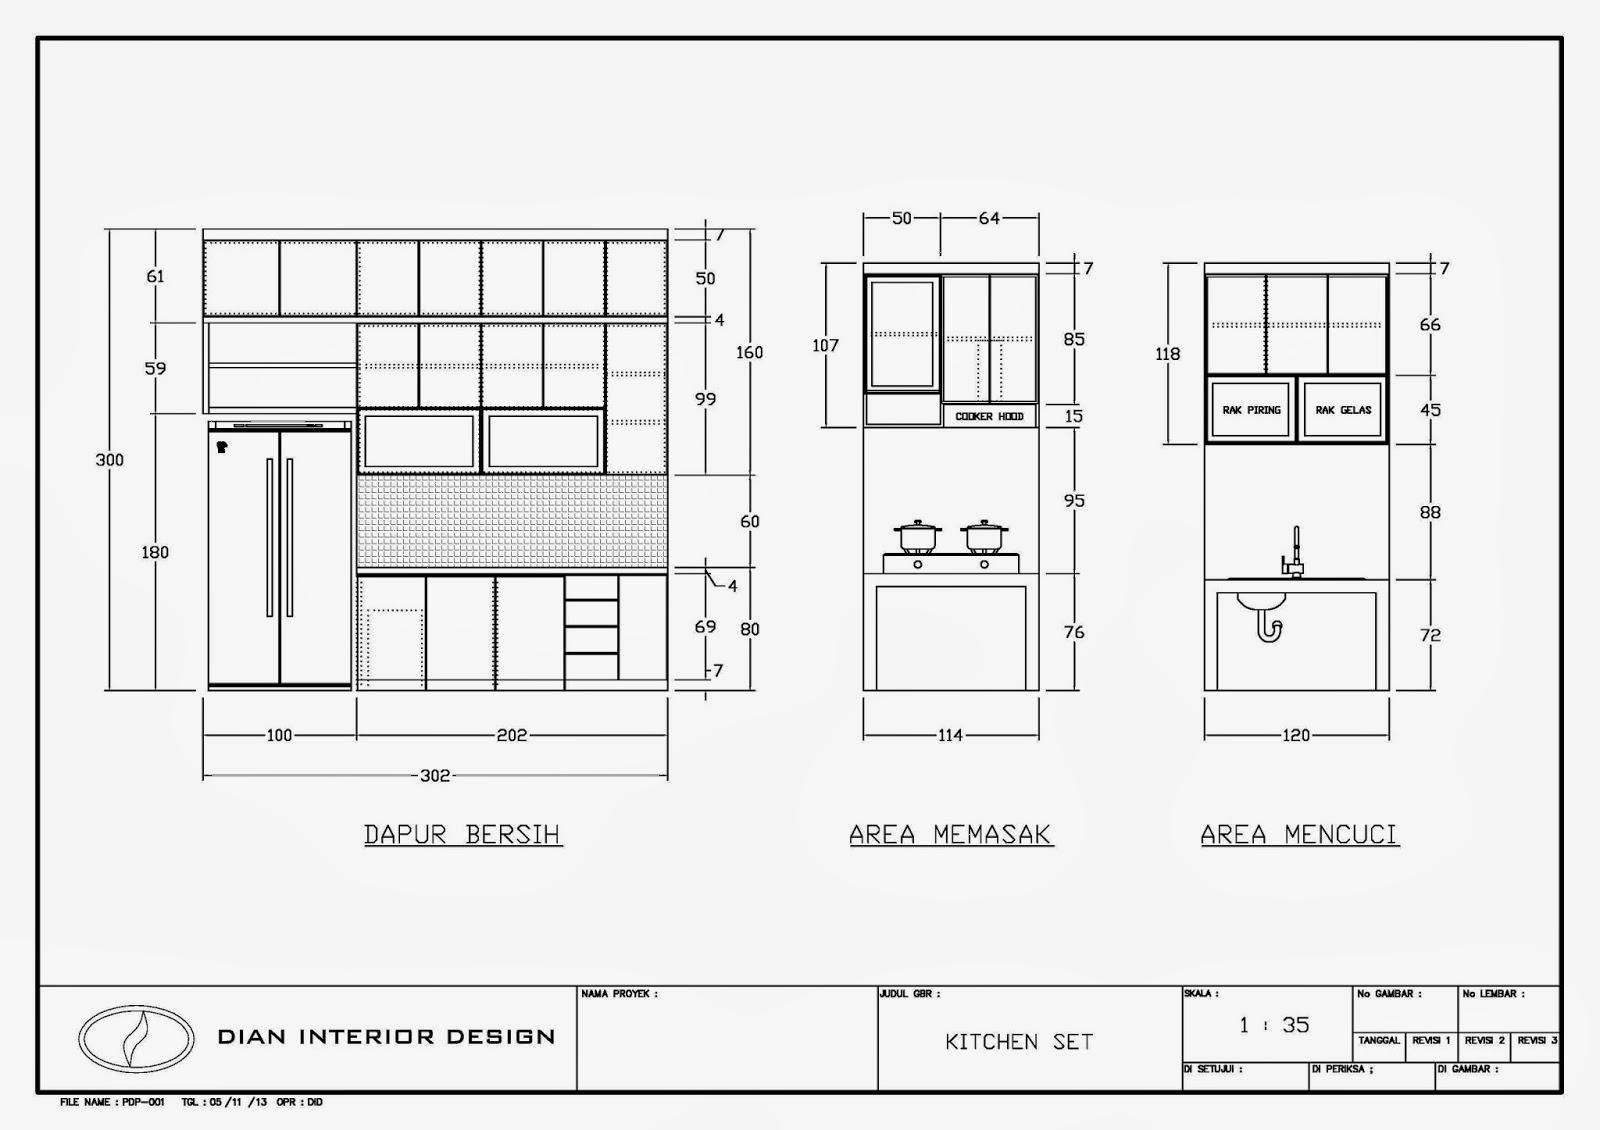 DAPUR BERSIH DAN DAPUR KOTOR  Dian Interior Design